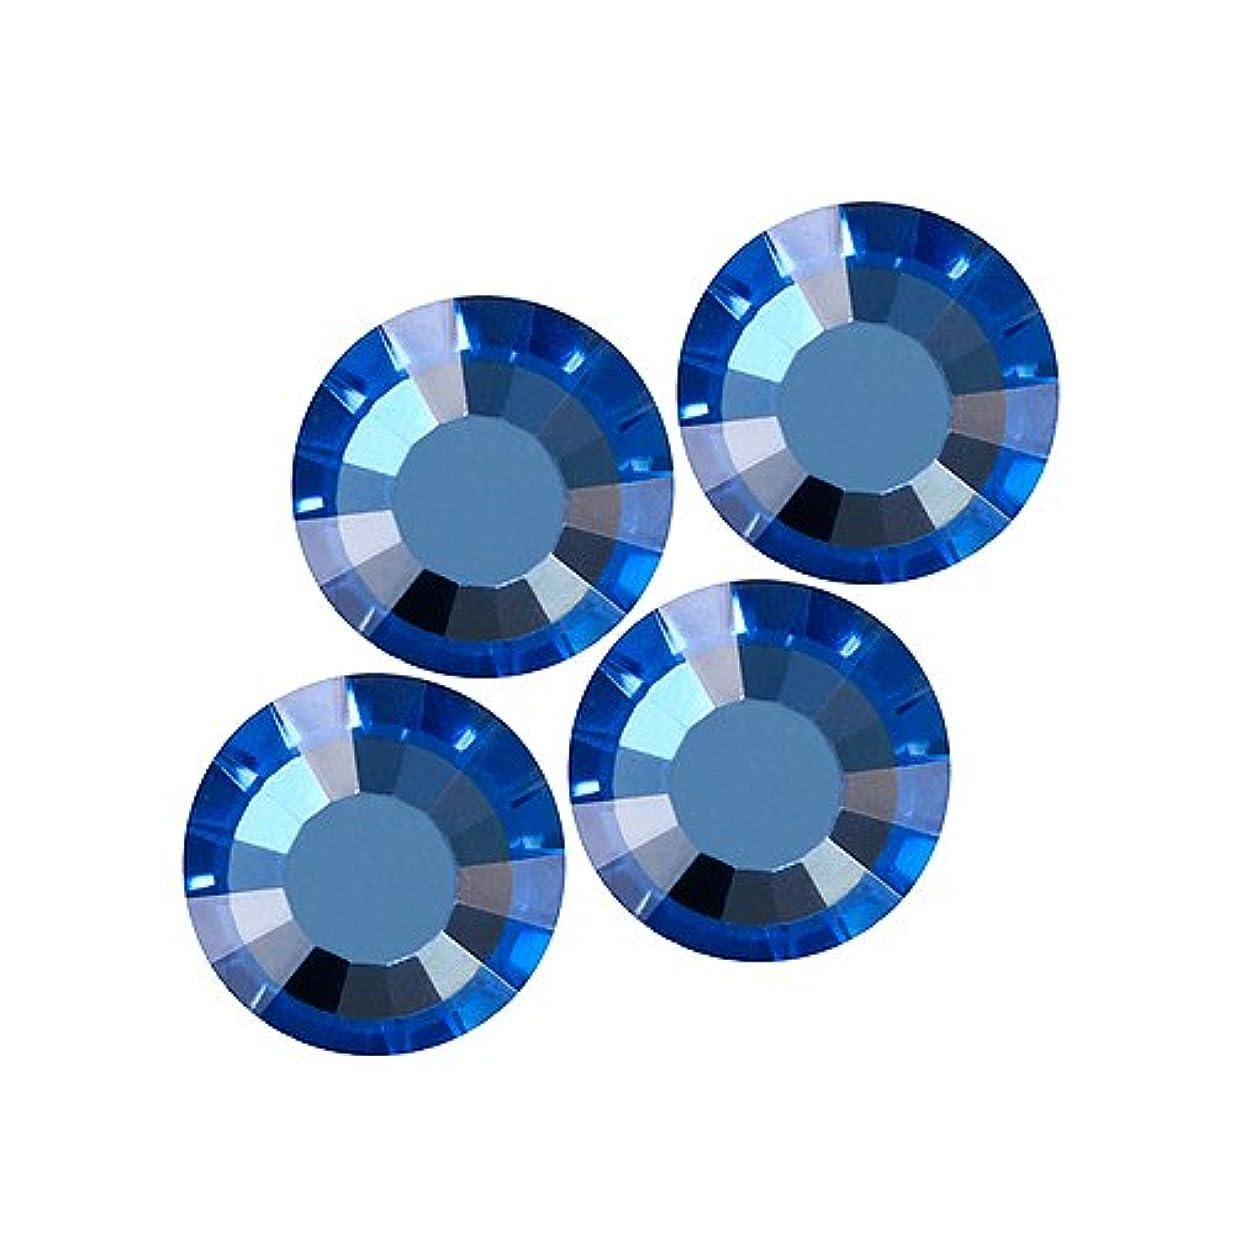 許さない霜病バイナル DIAMOND RHINESTONE サファイアSS6 1440粒 ST-SS6-SAP-10G